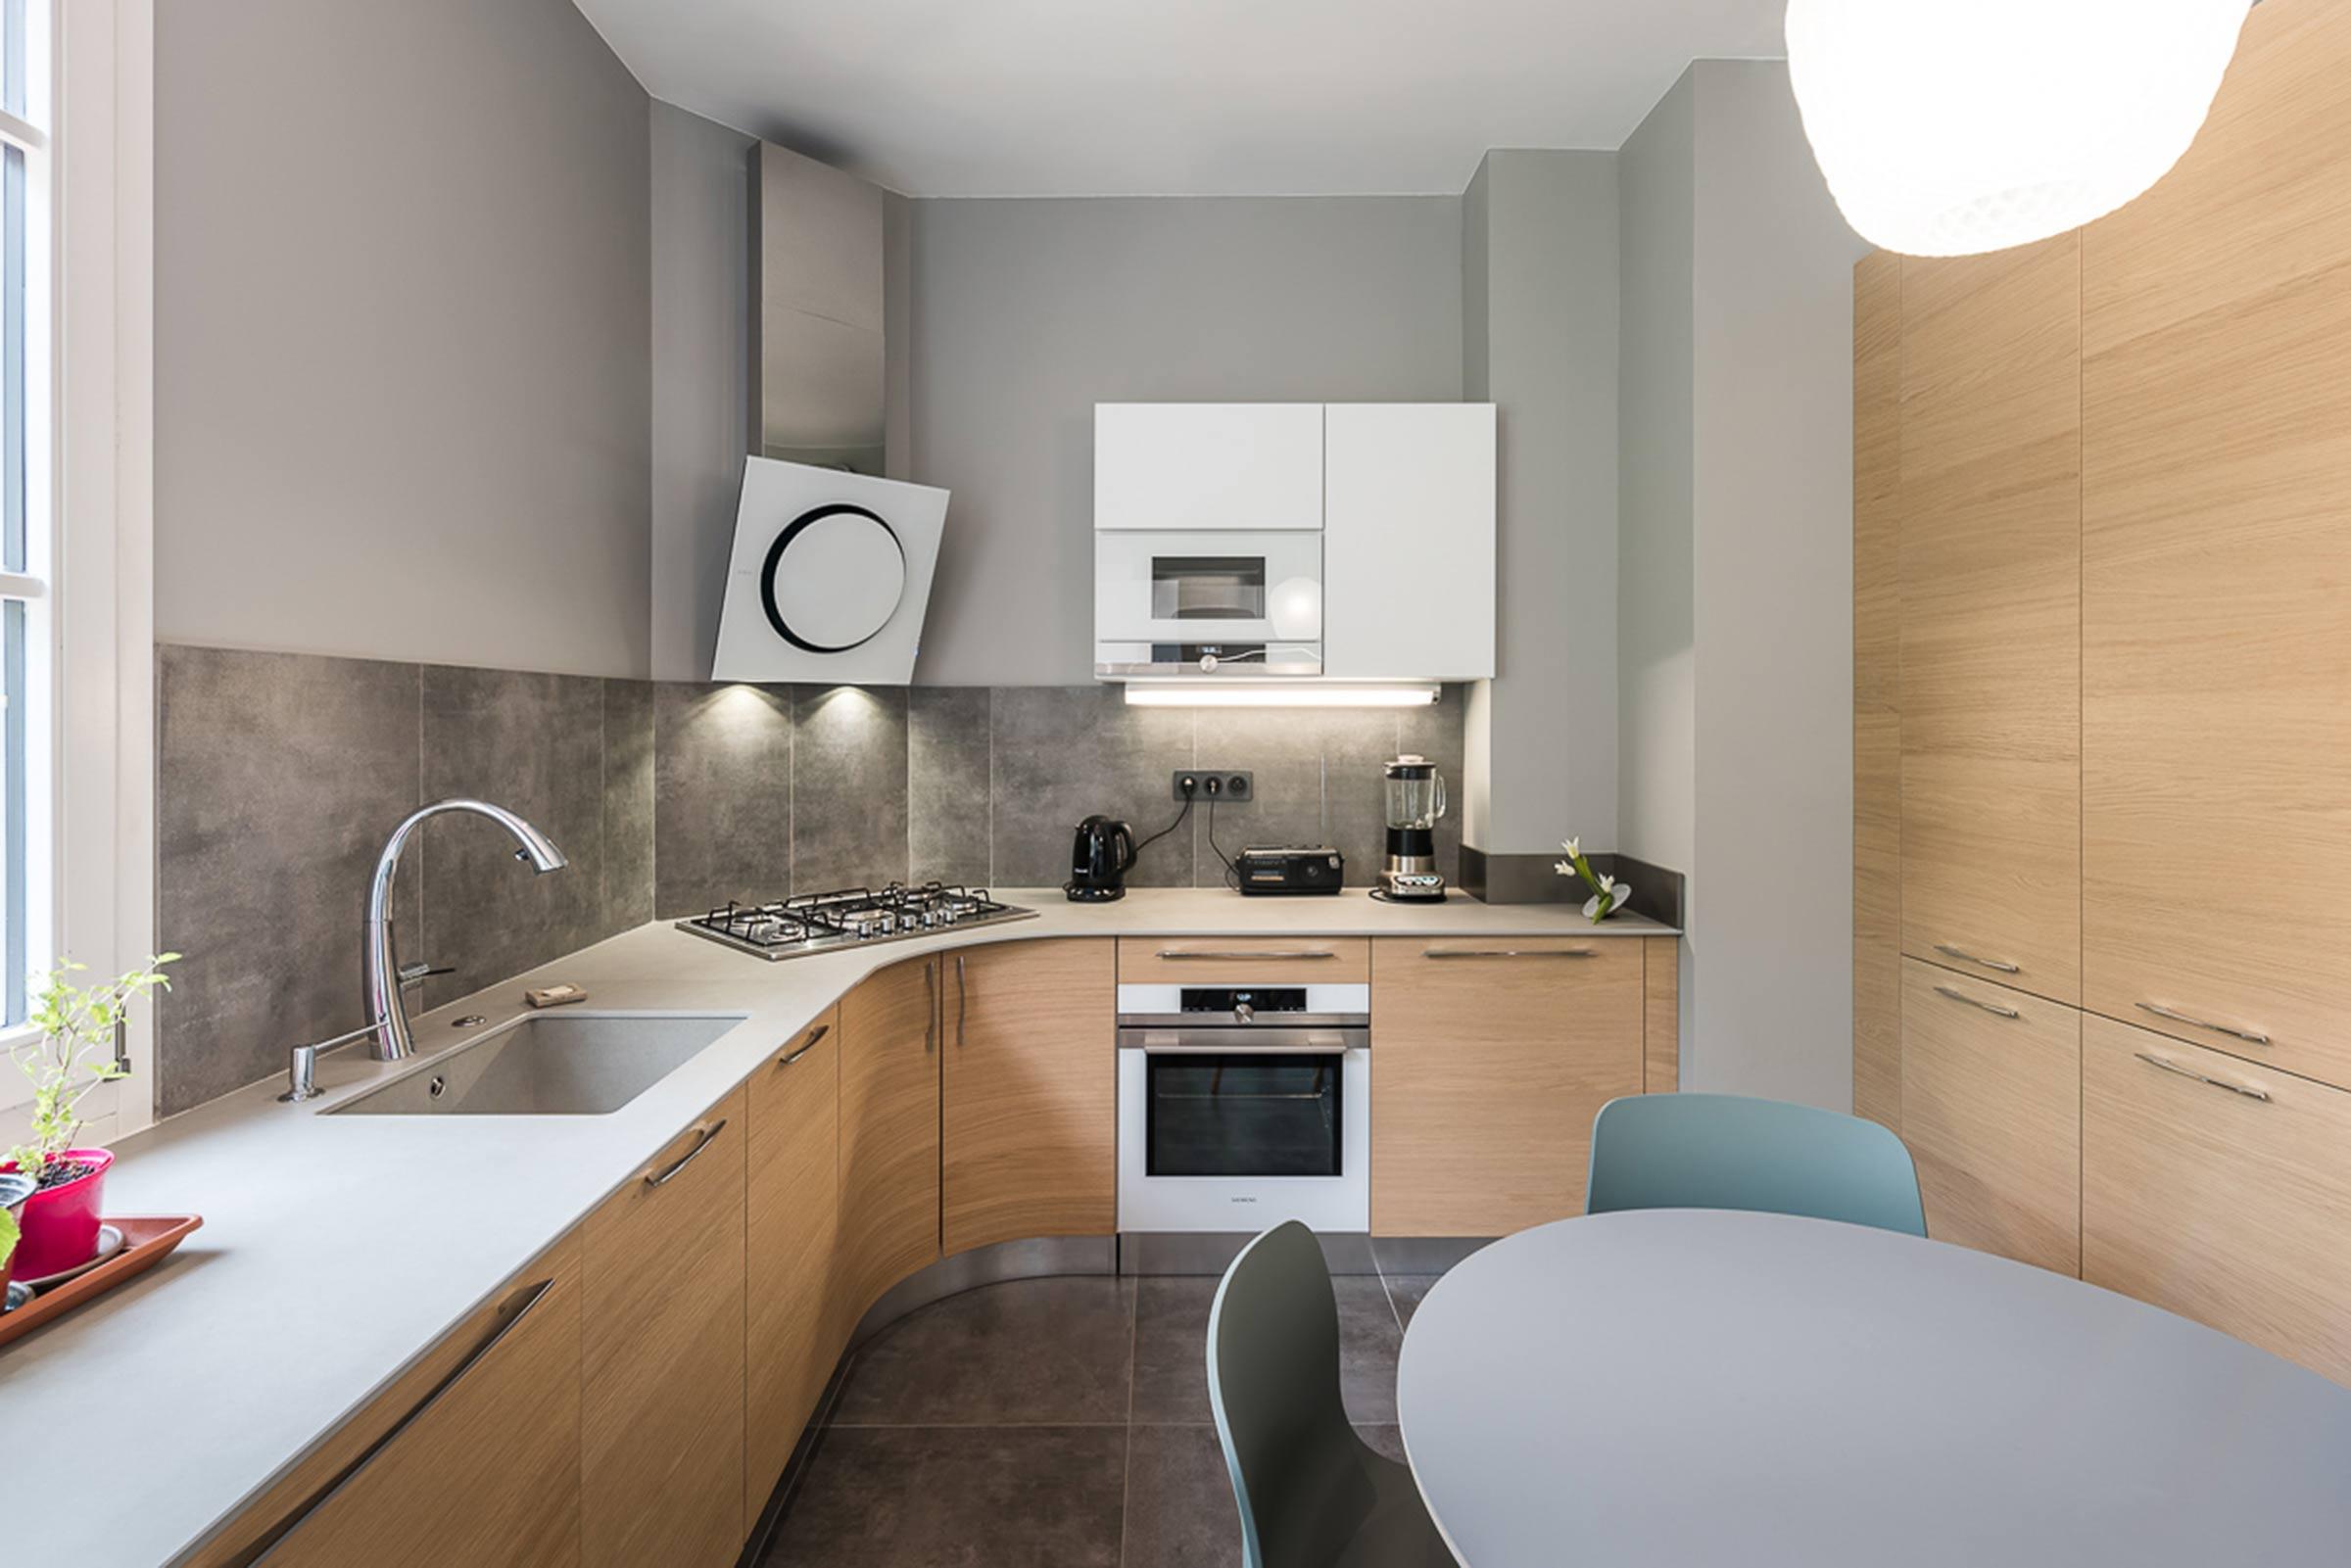 R novation d 39 une cuisine lyon 4e - Renovation cuisine lyon ...